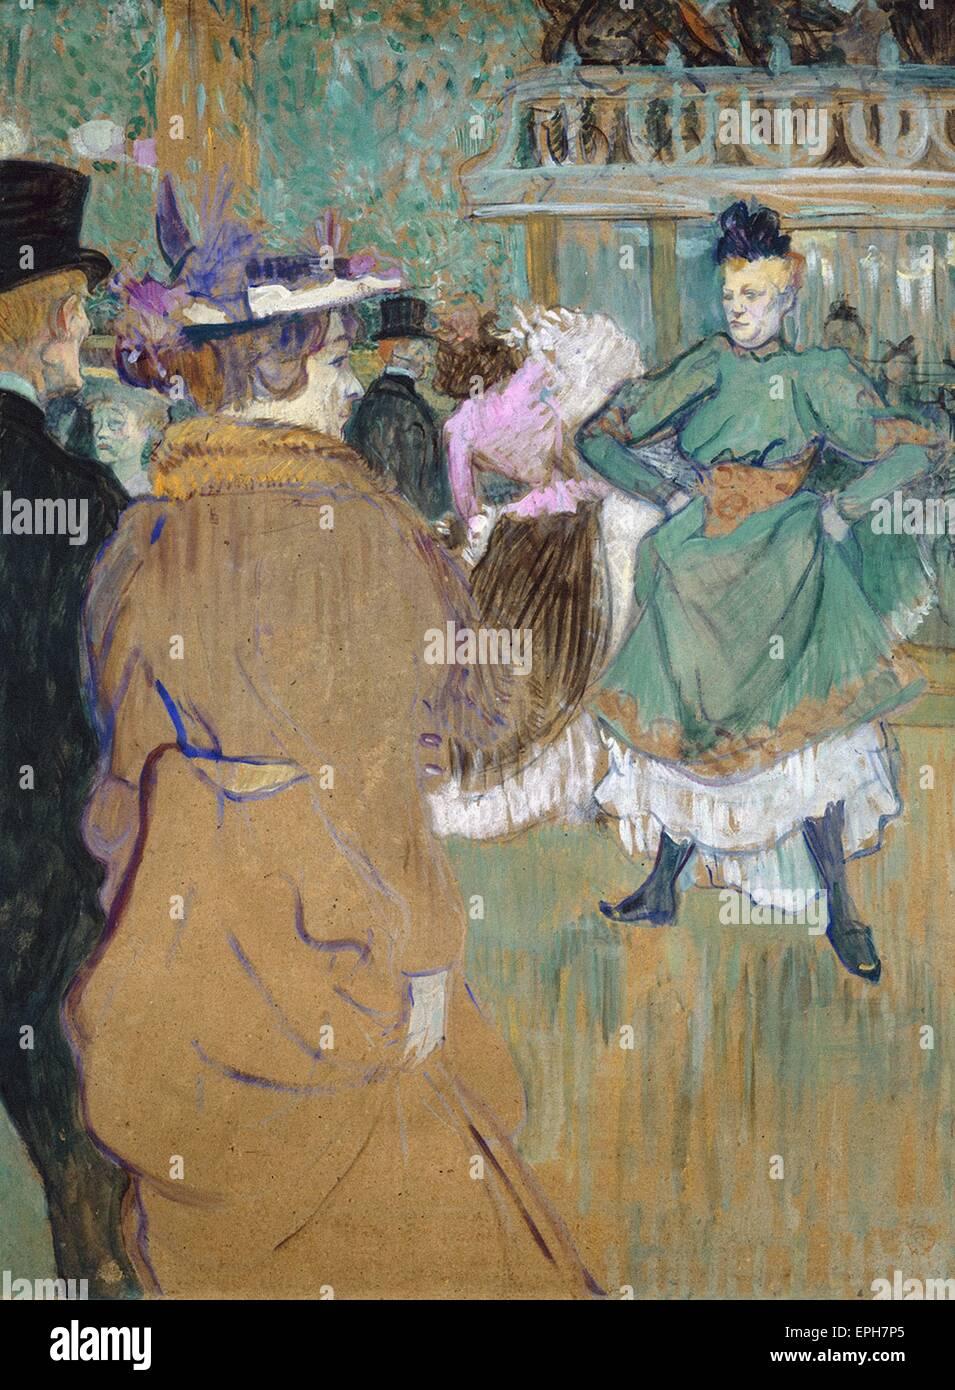 Henri Marie Raymond de Toulouse-Lautrec  Quadrille at the Moulin Rouge - Stock Image